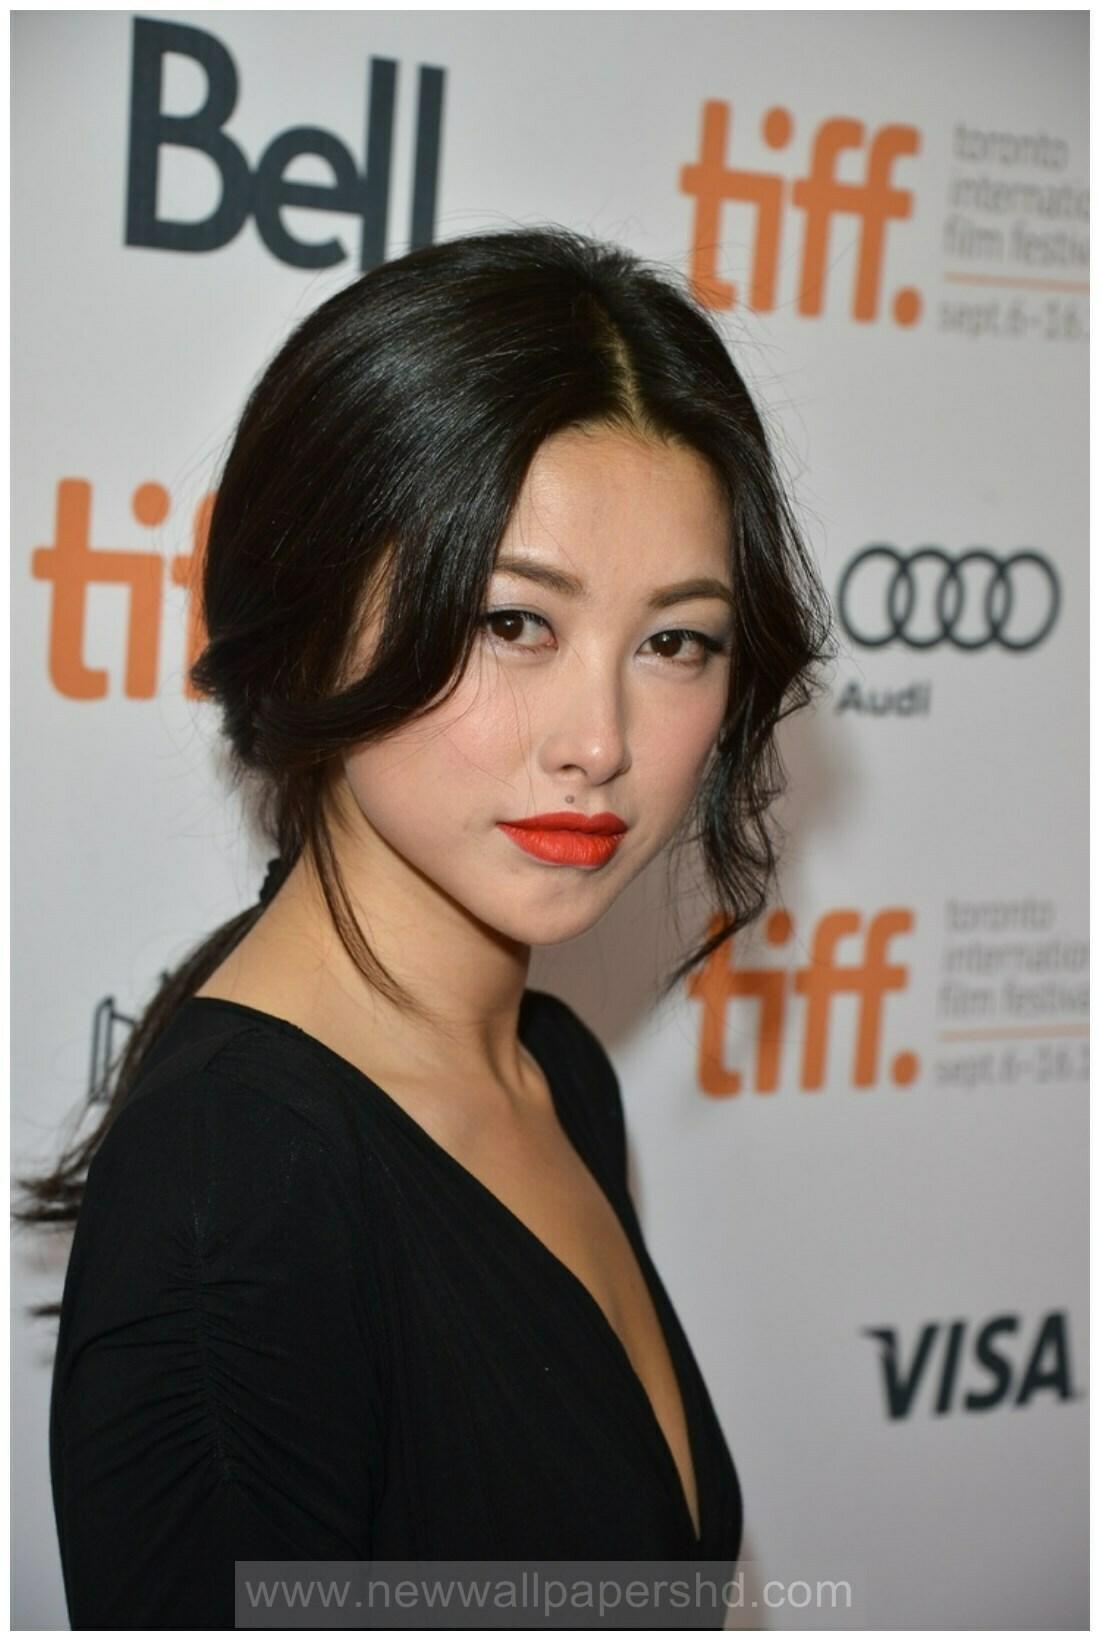 Cute Chinese New Year Wallpaper Chinese Actress Zhu Zhu Biography Profile Hd Wallpapers